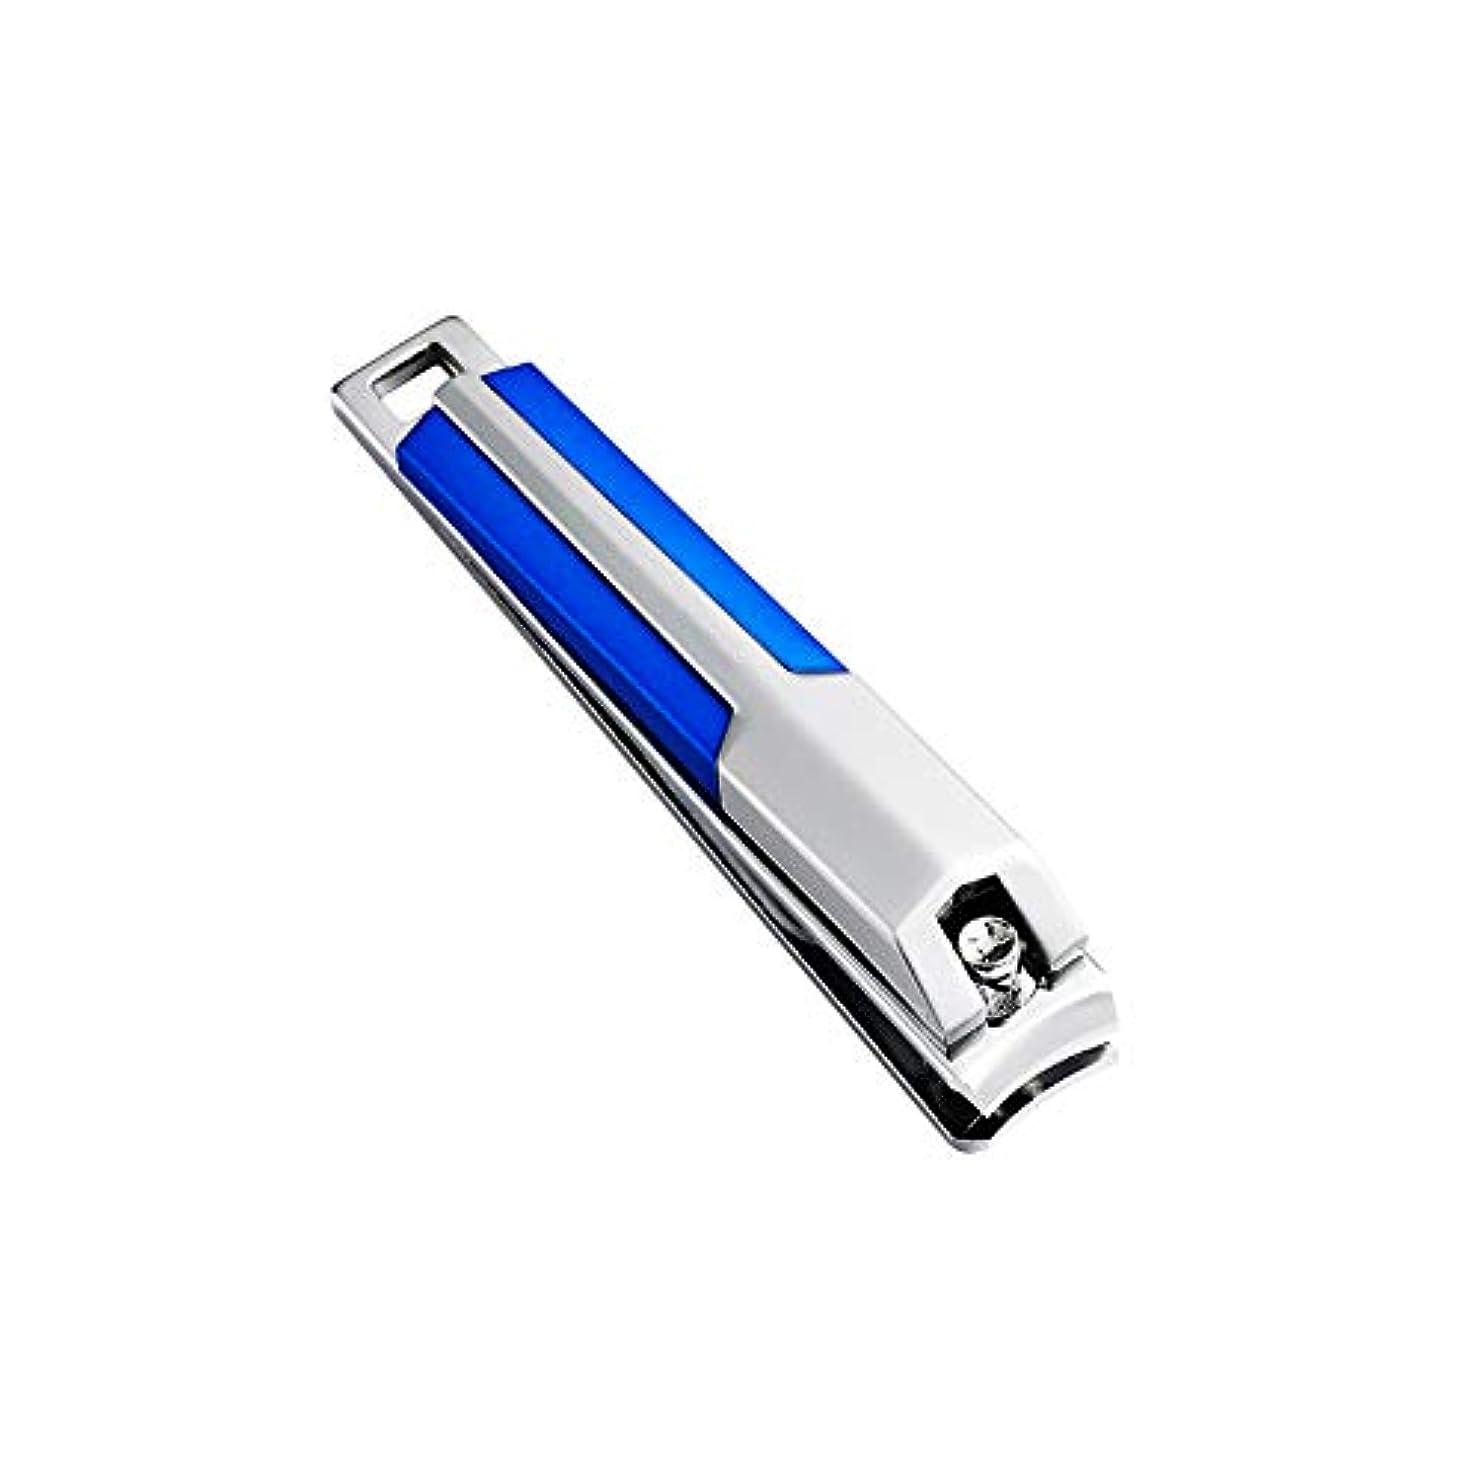 正確政治的染色高級ステンレス鋼製爪切り湾曲した爪切り毎日の出張や旅行に適しています、ブルー